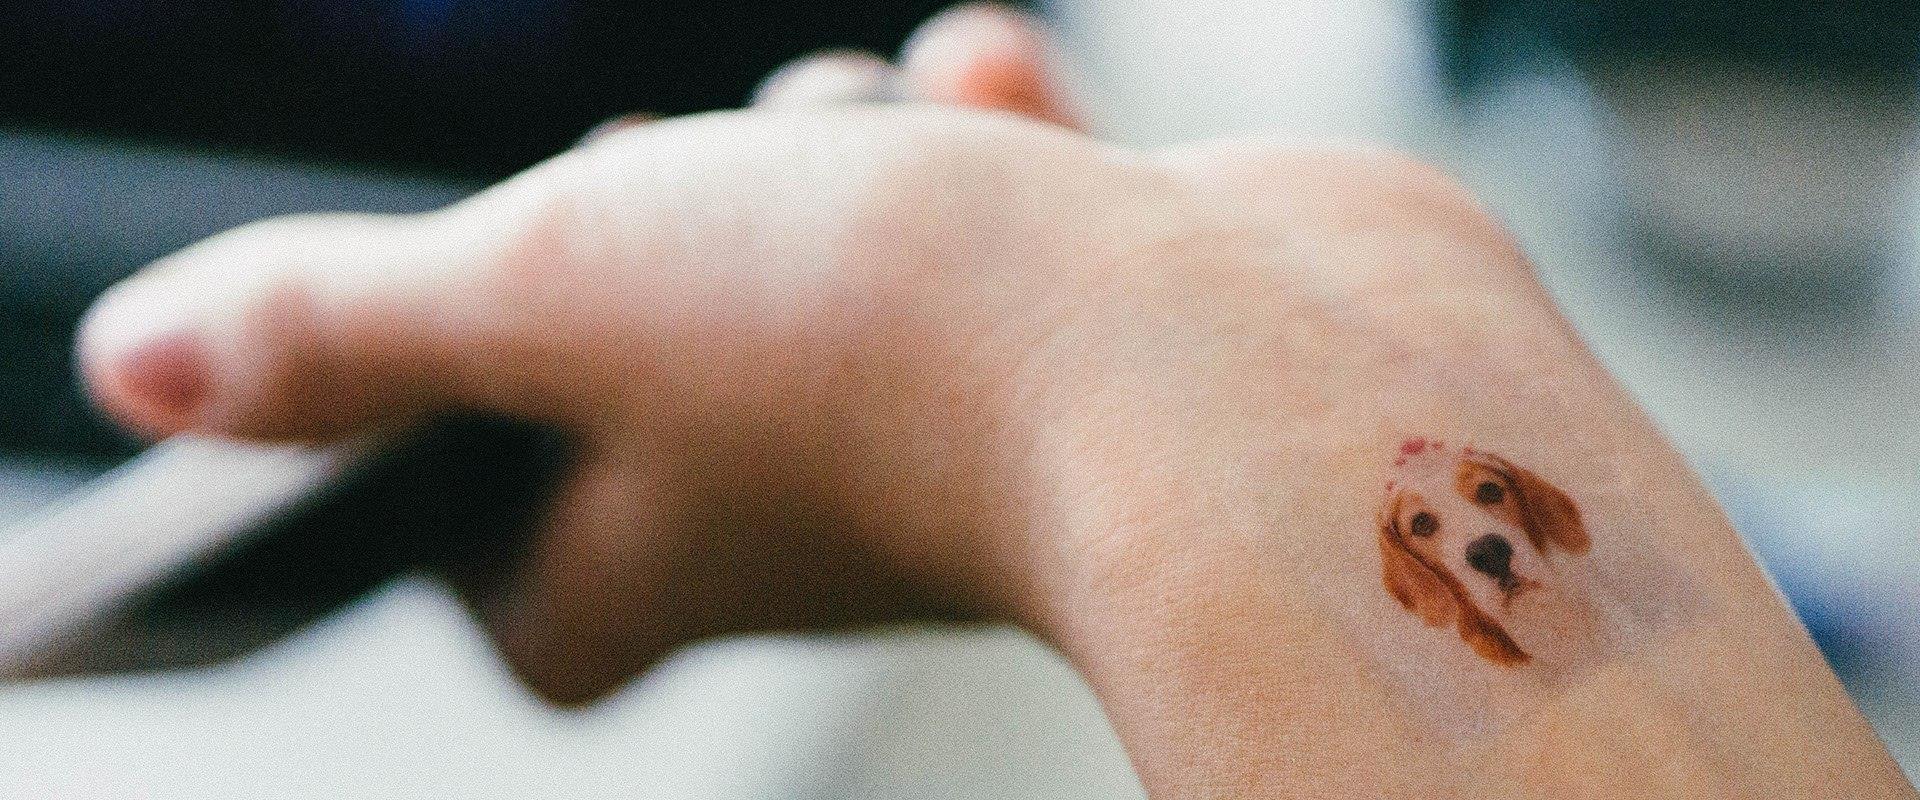 Esempio di foto di Instagram sulla pelle